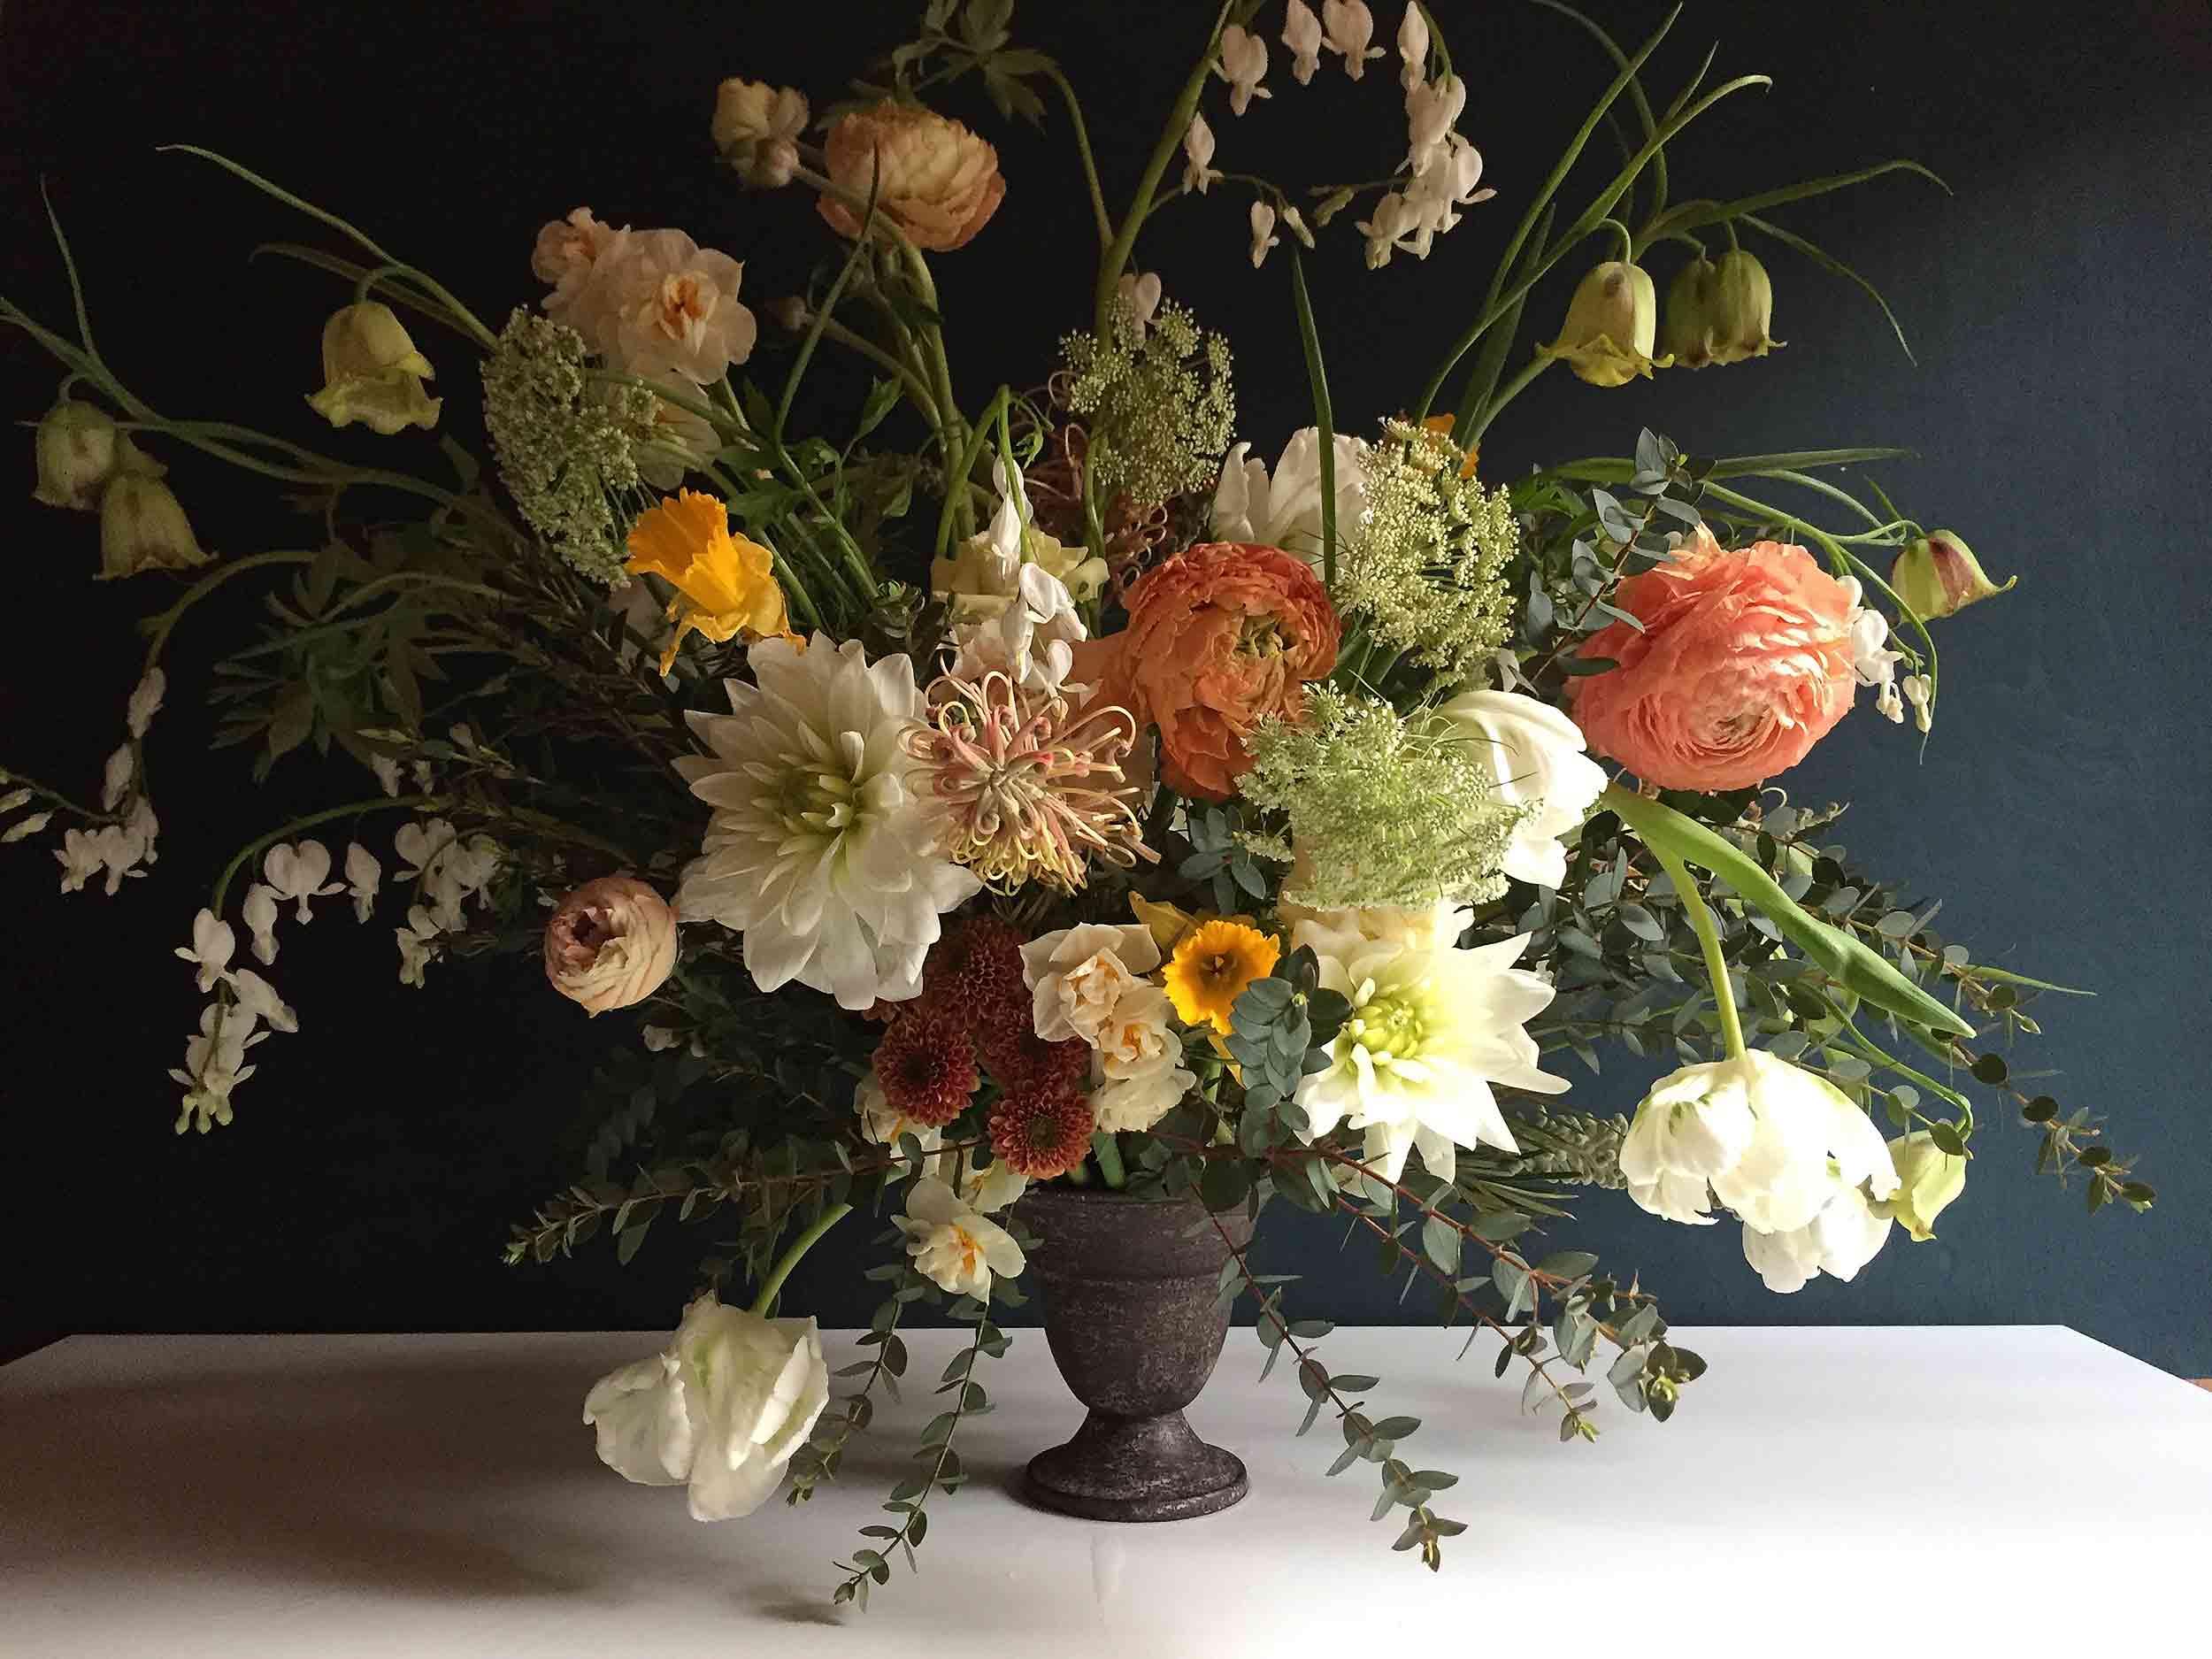 lunaria_wedding_flowers_somerset_UK_27.jpg